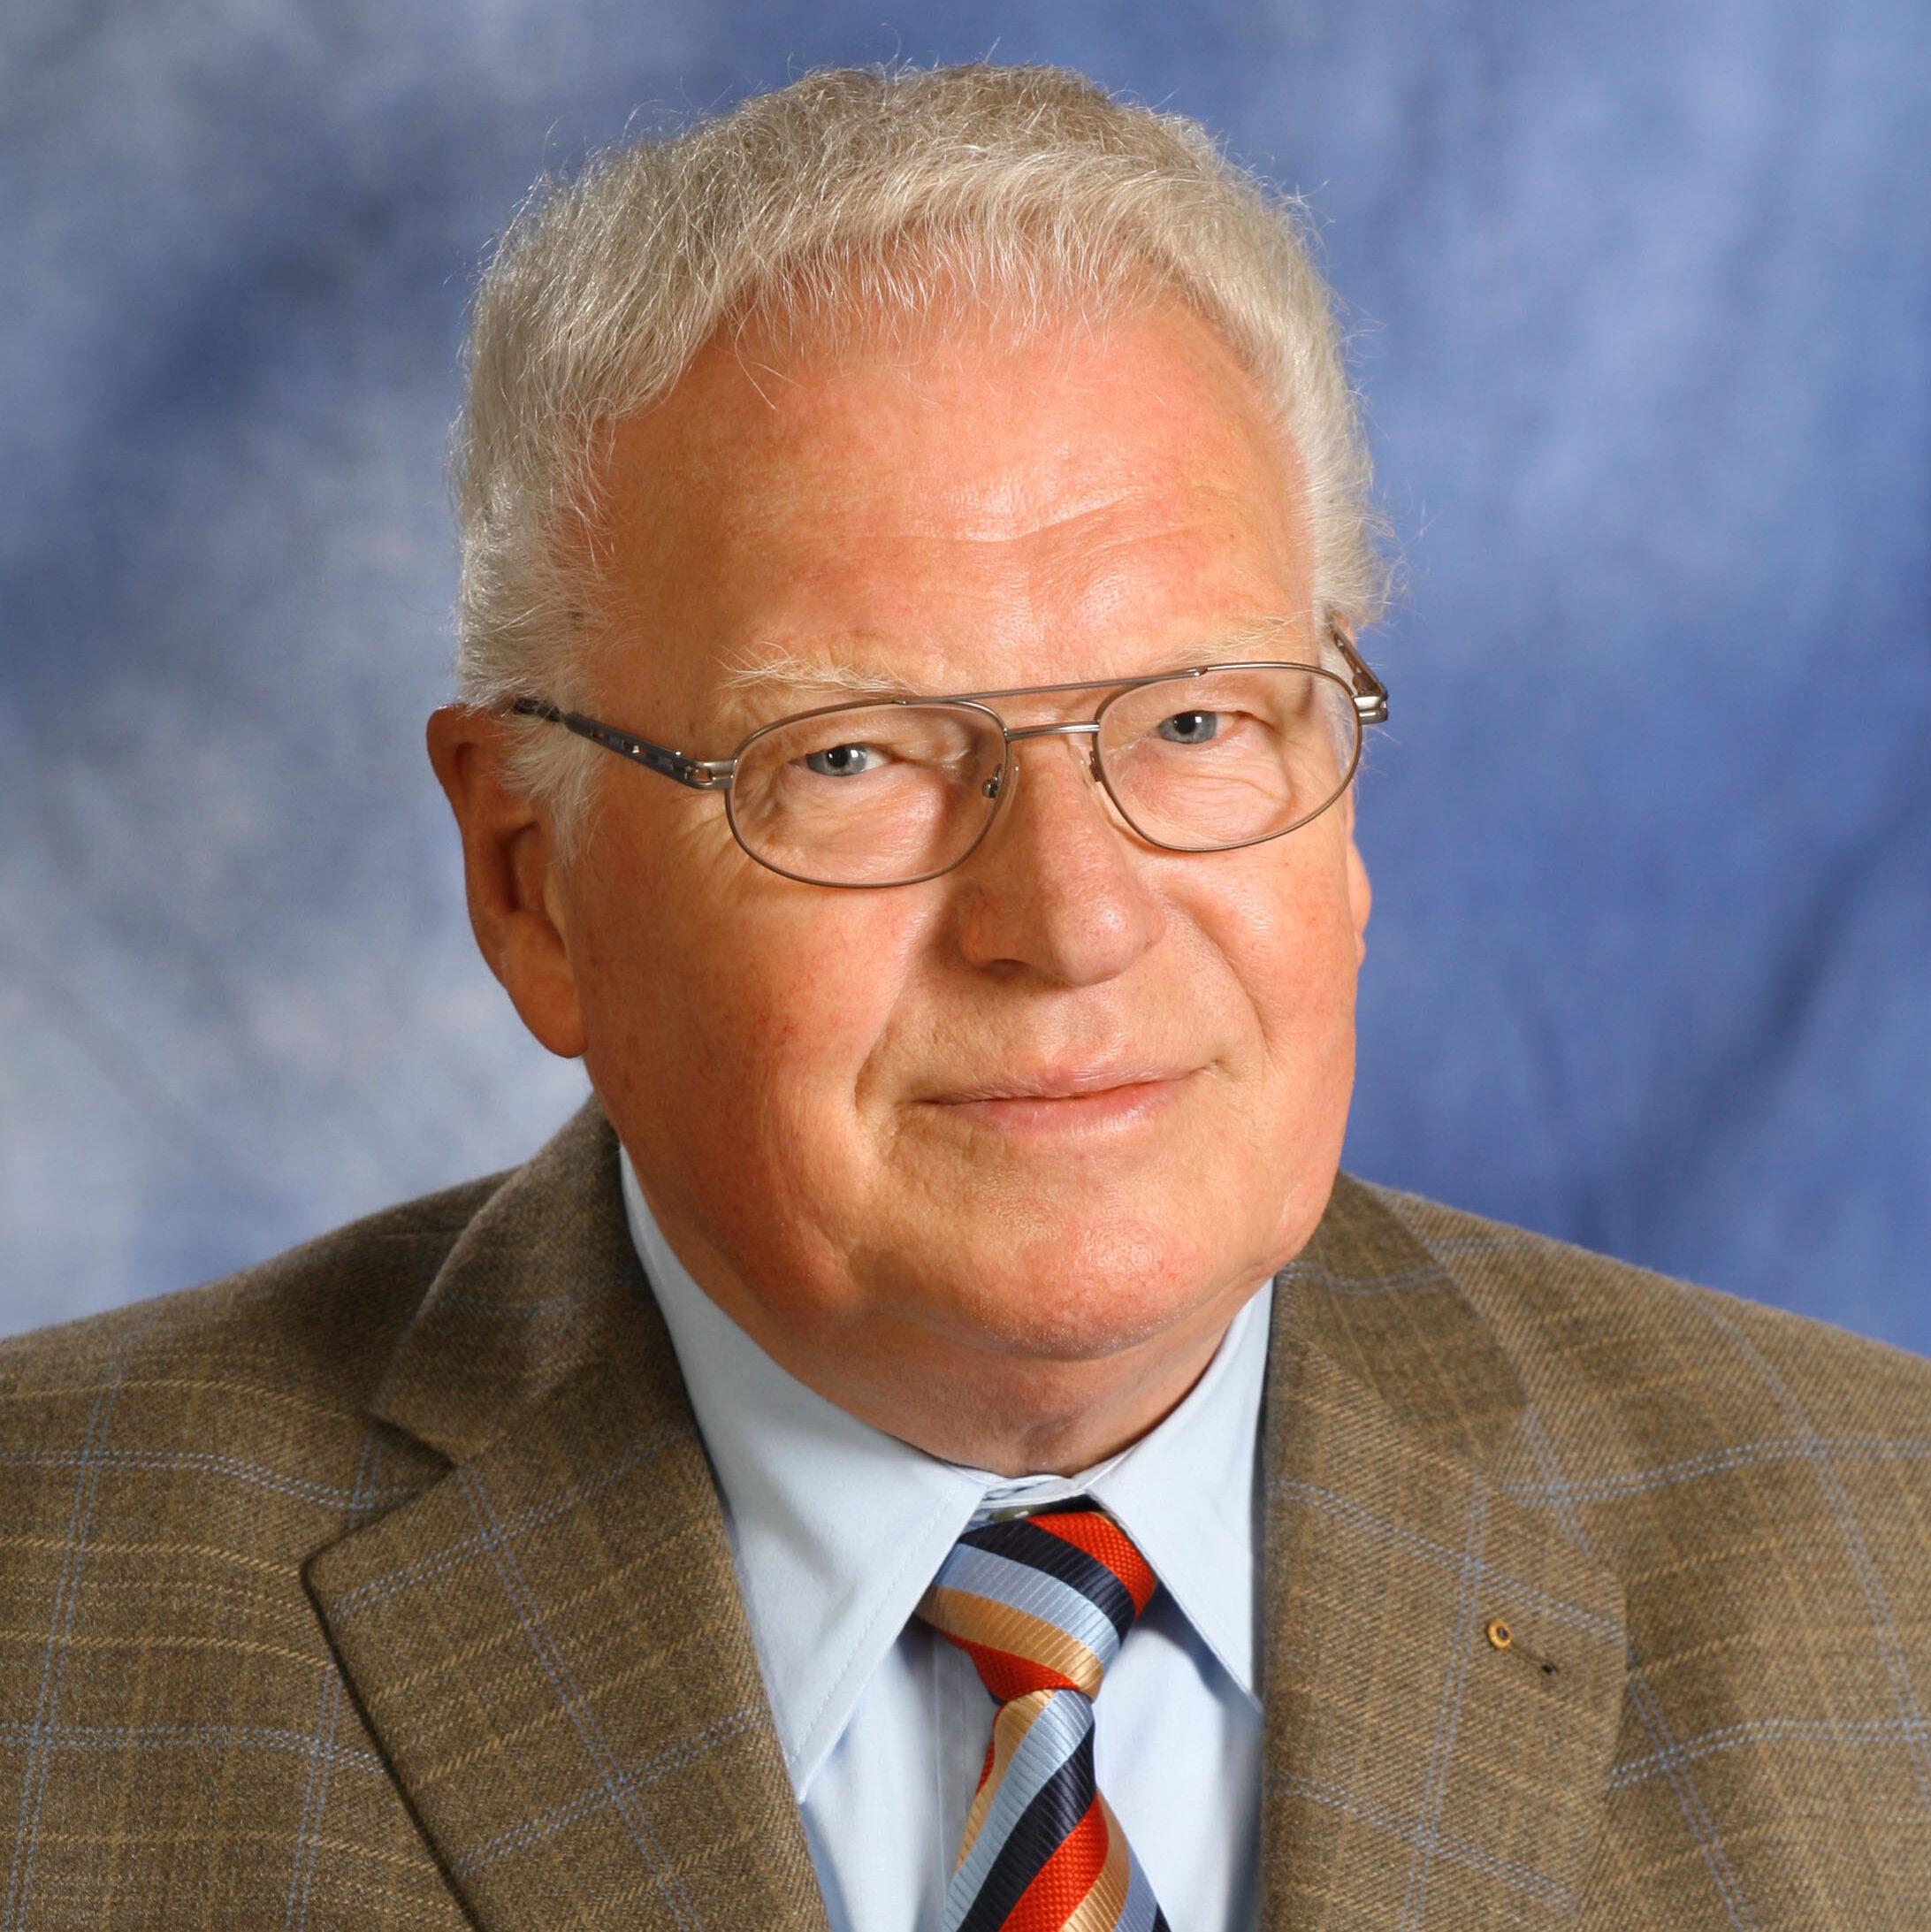 Klaus Meyer Stv. Vorsitzender Senioren-Union Langen/Wurster Nordseeküste